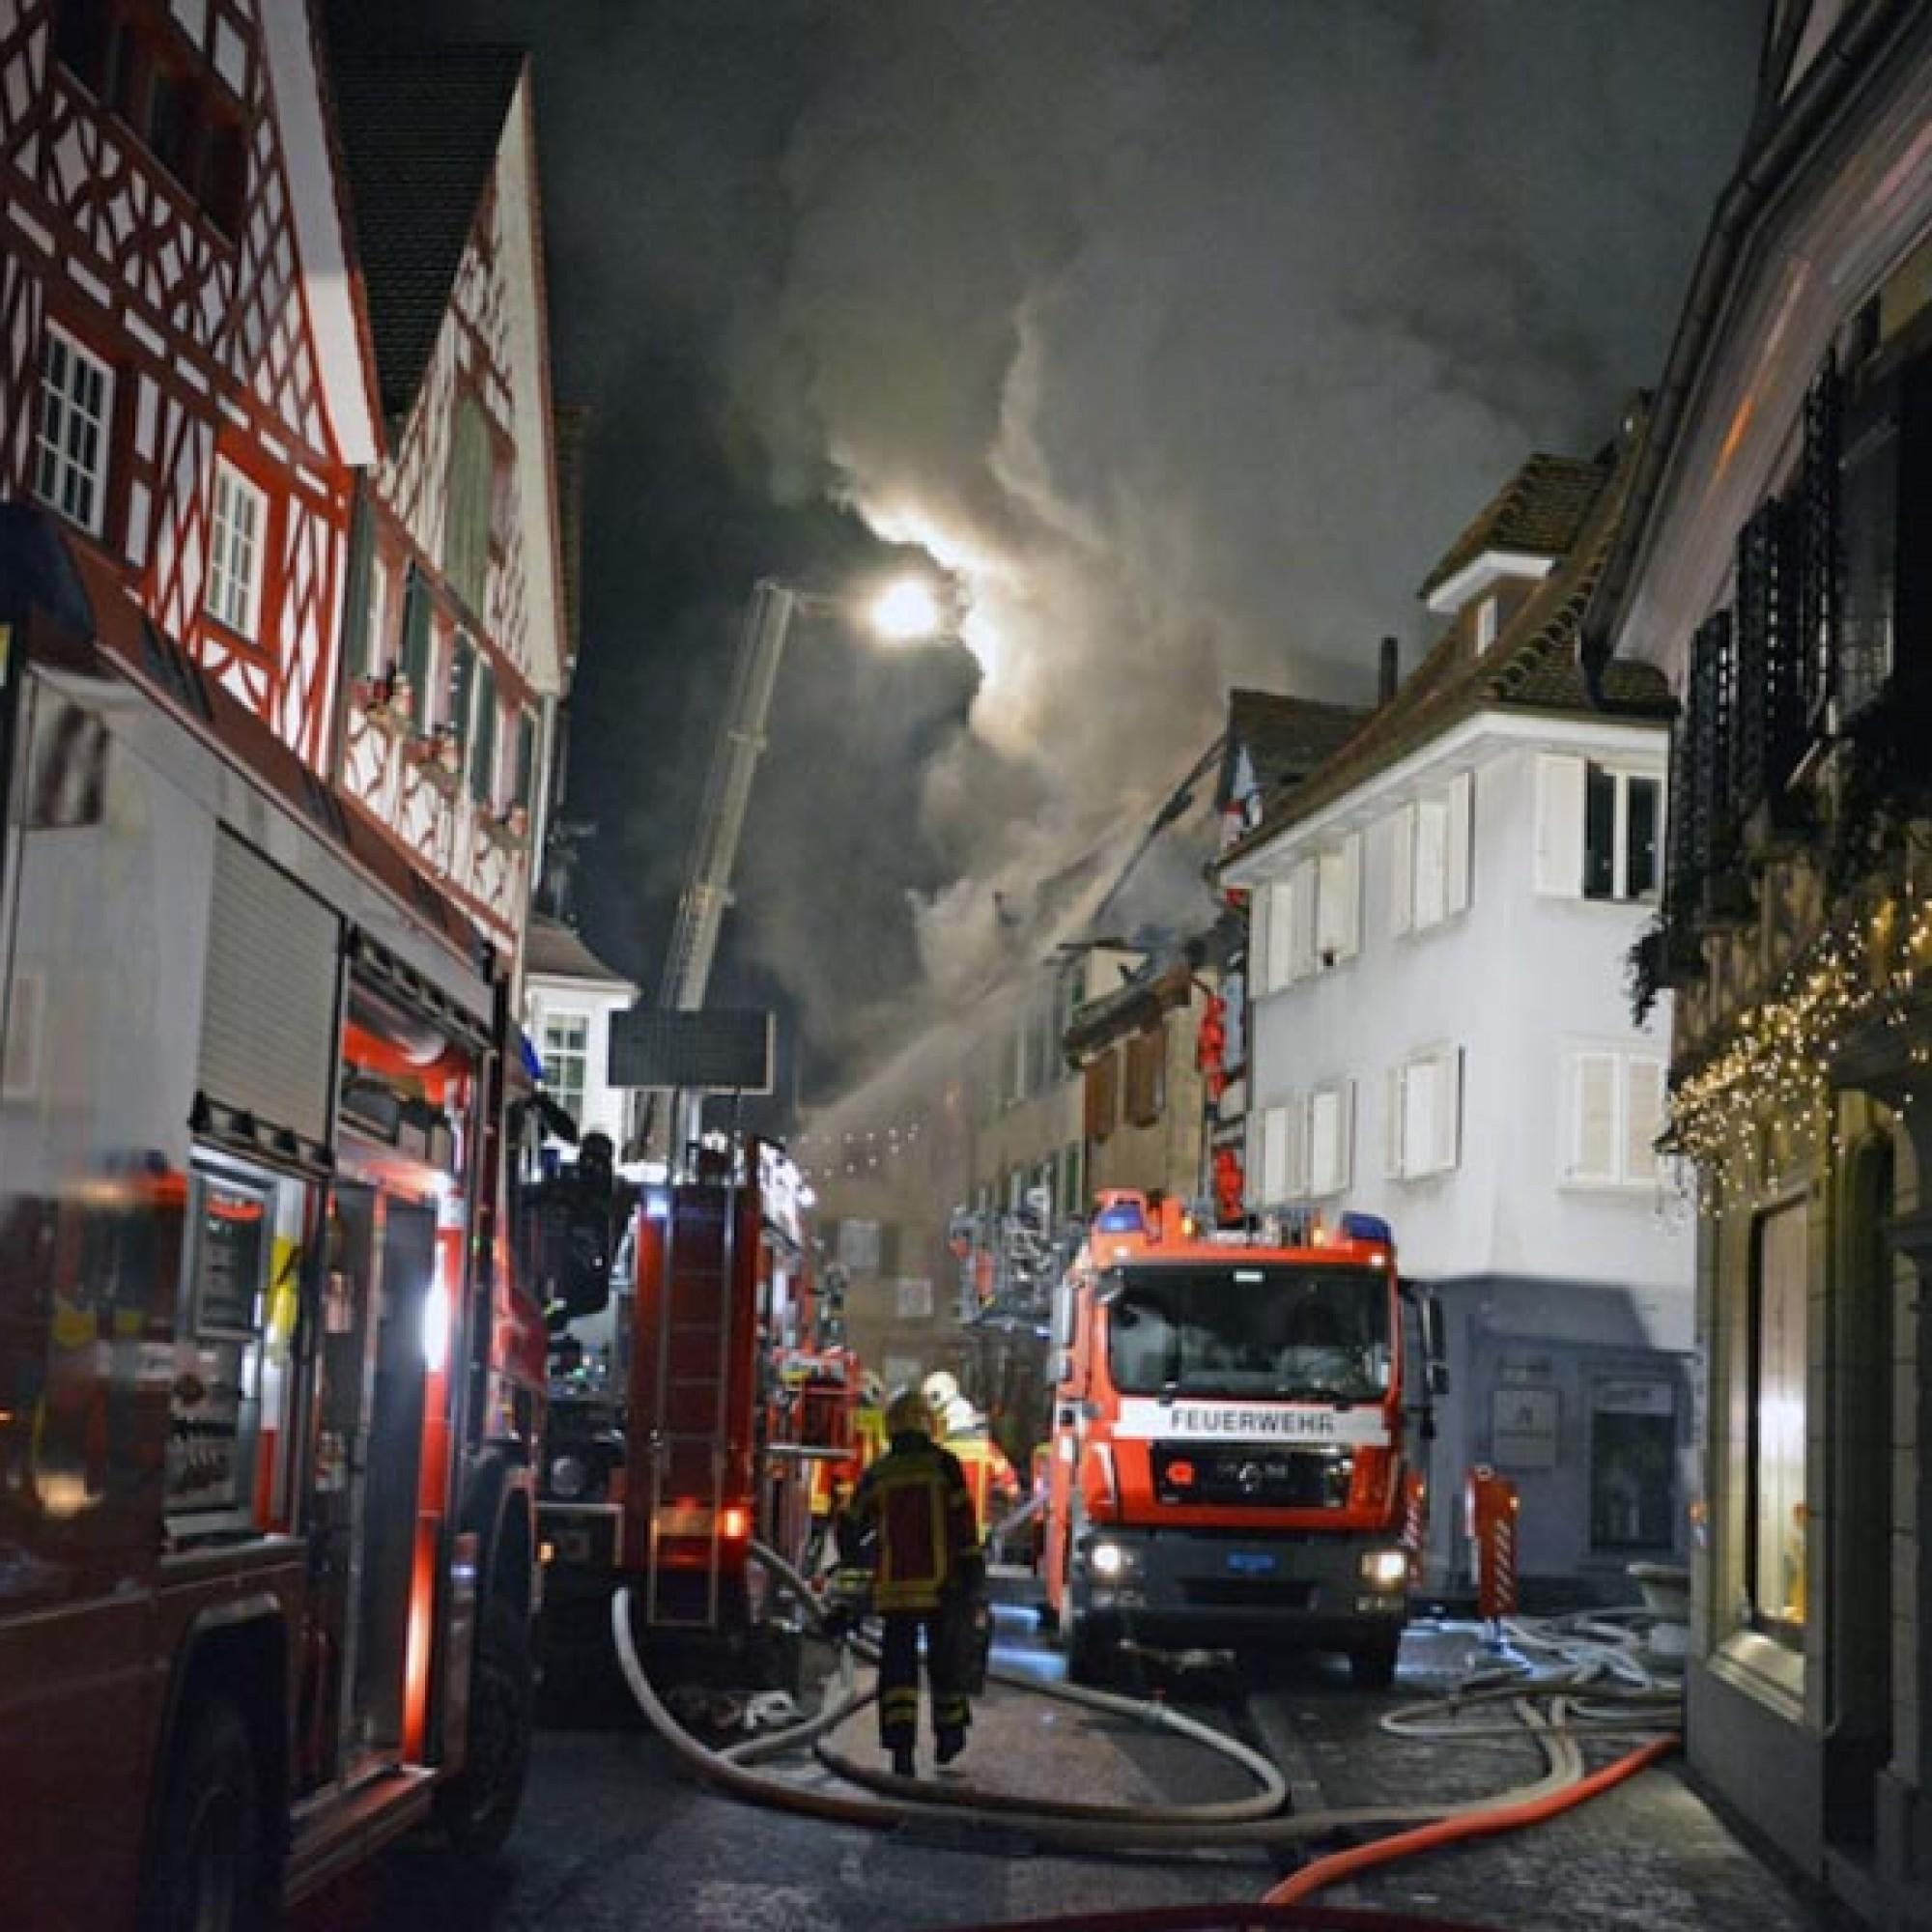 160 Männer der Feuerwehren Steckborn, Diessenhofen, Frauenfeld und Kreuzlingen waren beim Grossbrand im Advent 2015 in der Steckborner Altstadt im Einsatz.